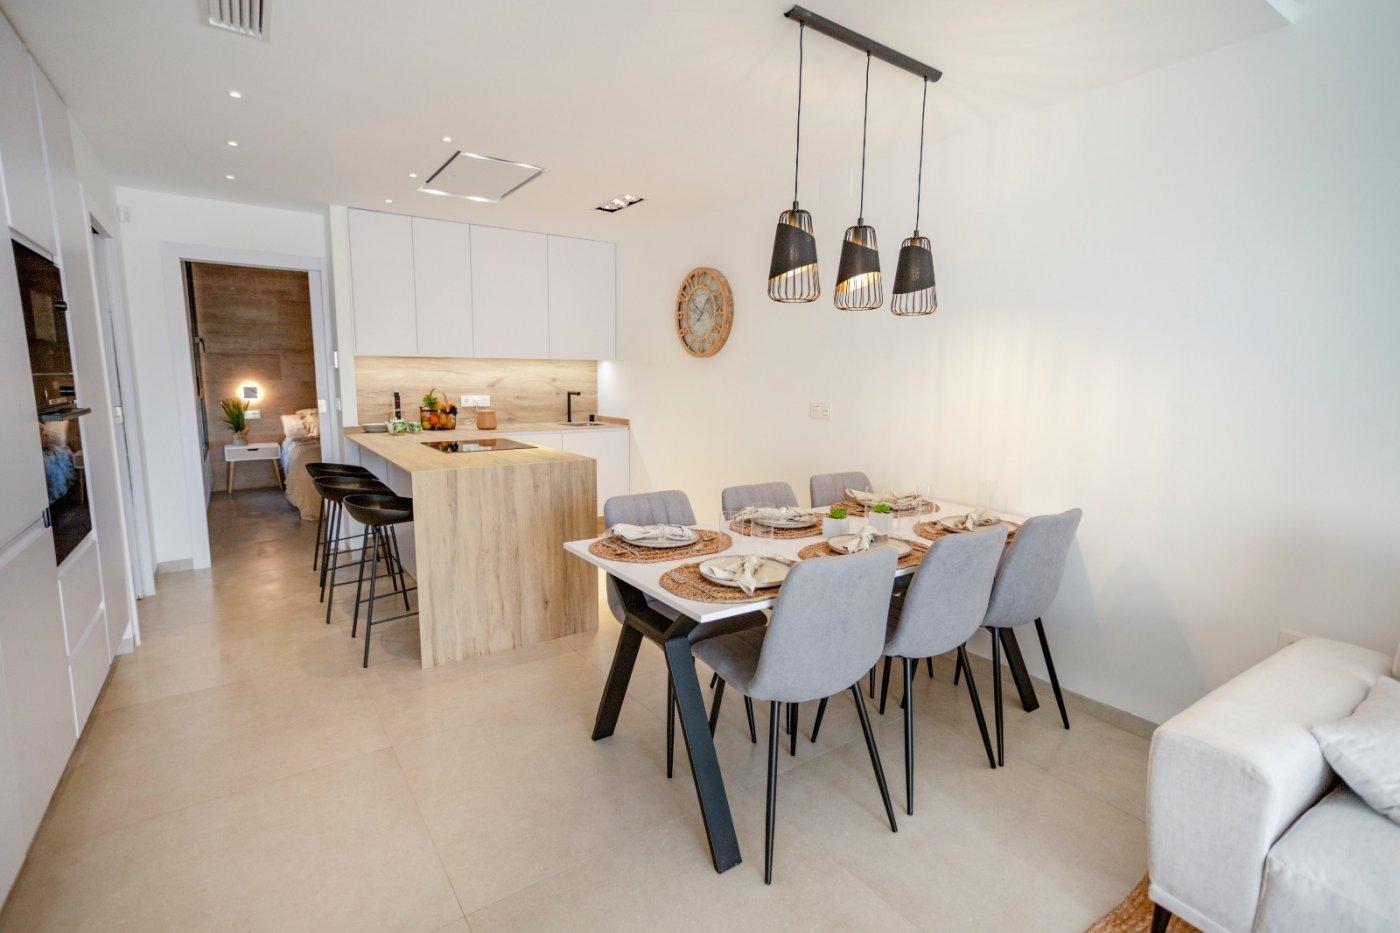 Apartamento moderno en san pedro del pinatar - imagenInmueble5